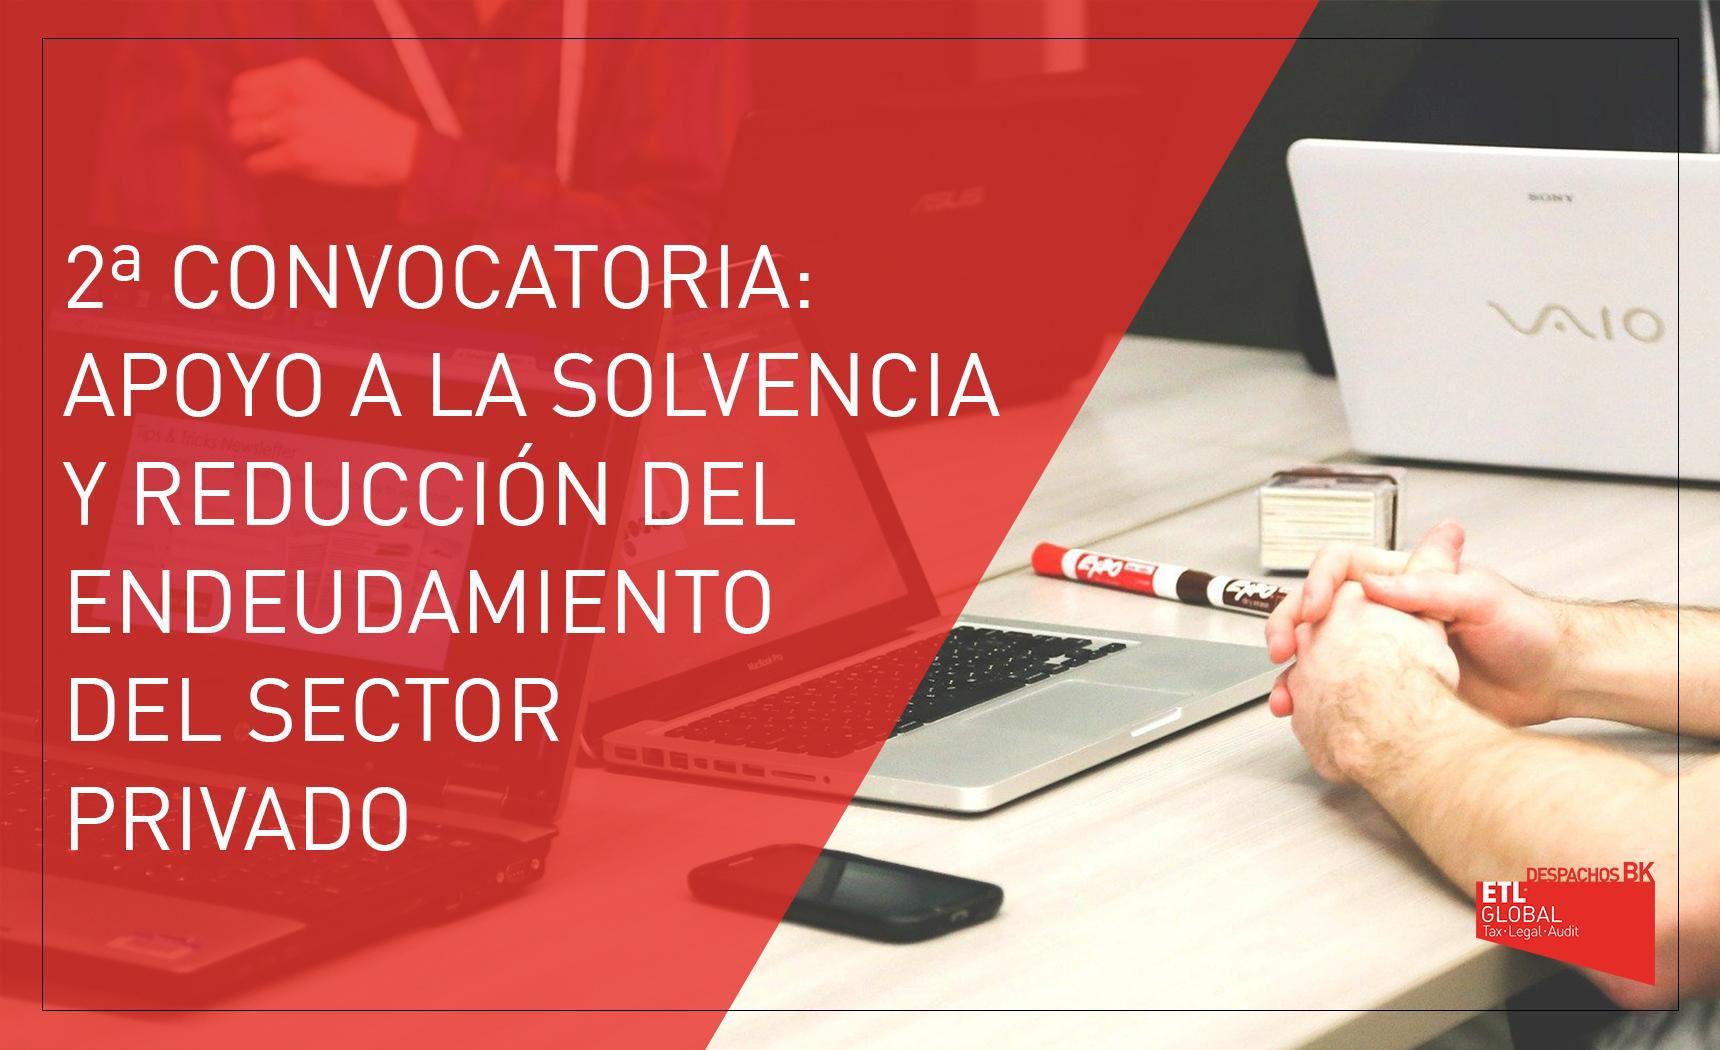 2 convocatoria ayudas endeudamiento sector privado La Rioja